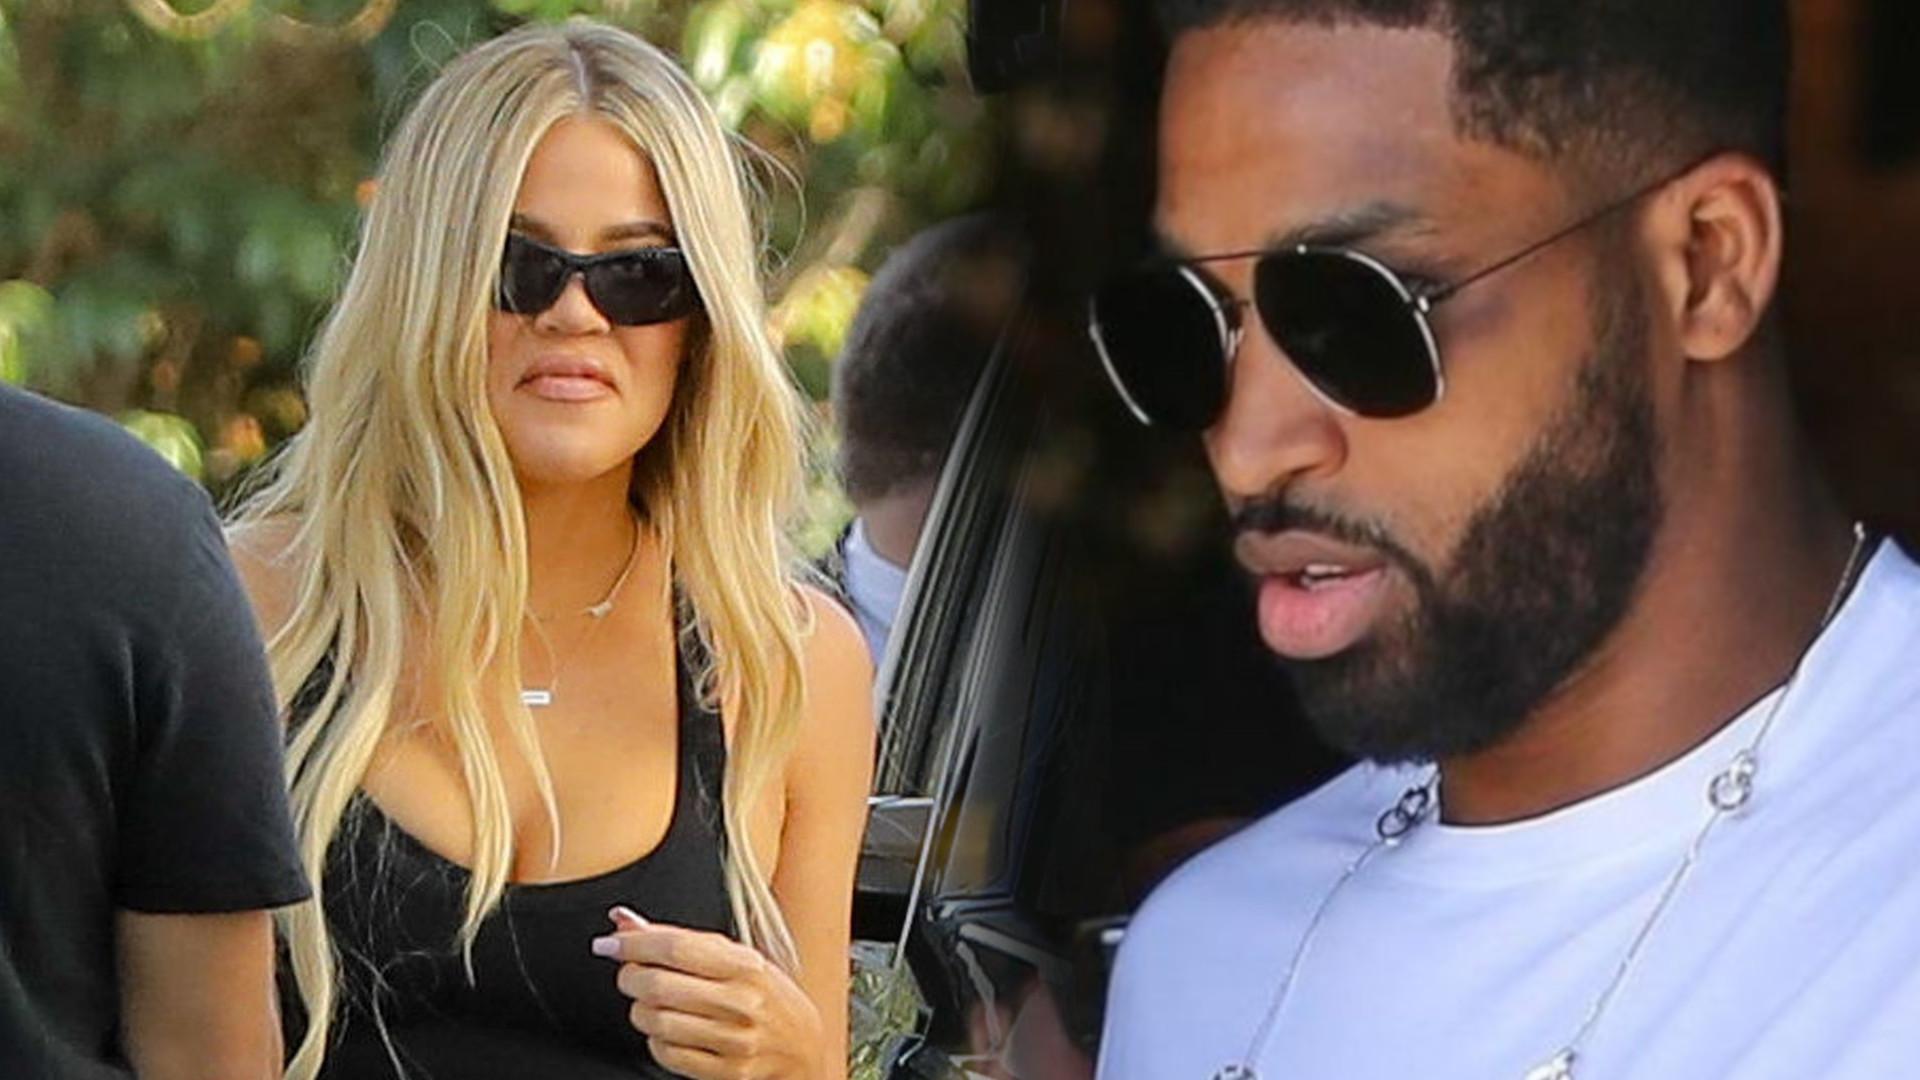 Tristan Thompson zdobył się na uroczy GEST wobec Khloe Kardashian – jak zareagowała?